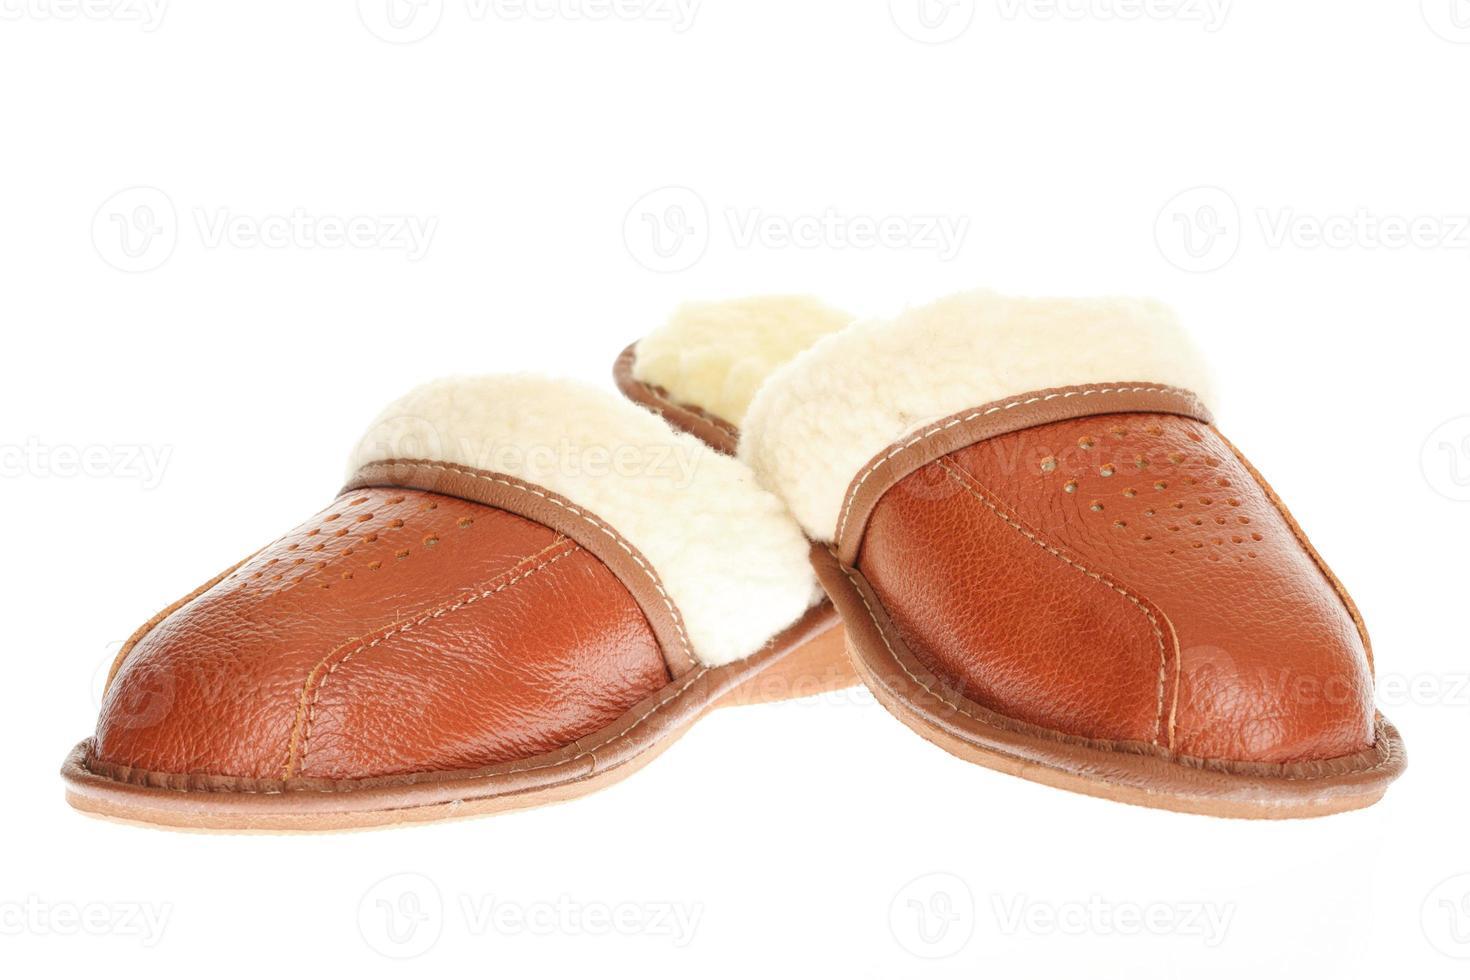 bruine slippers geïsoleerd op een witte achtergrond. foto